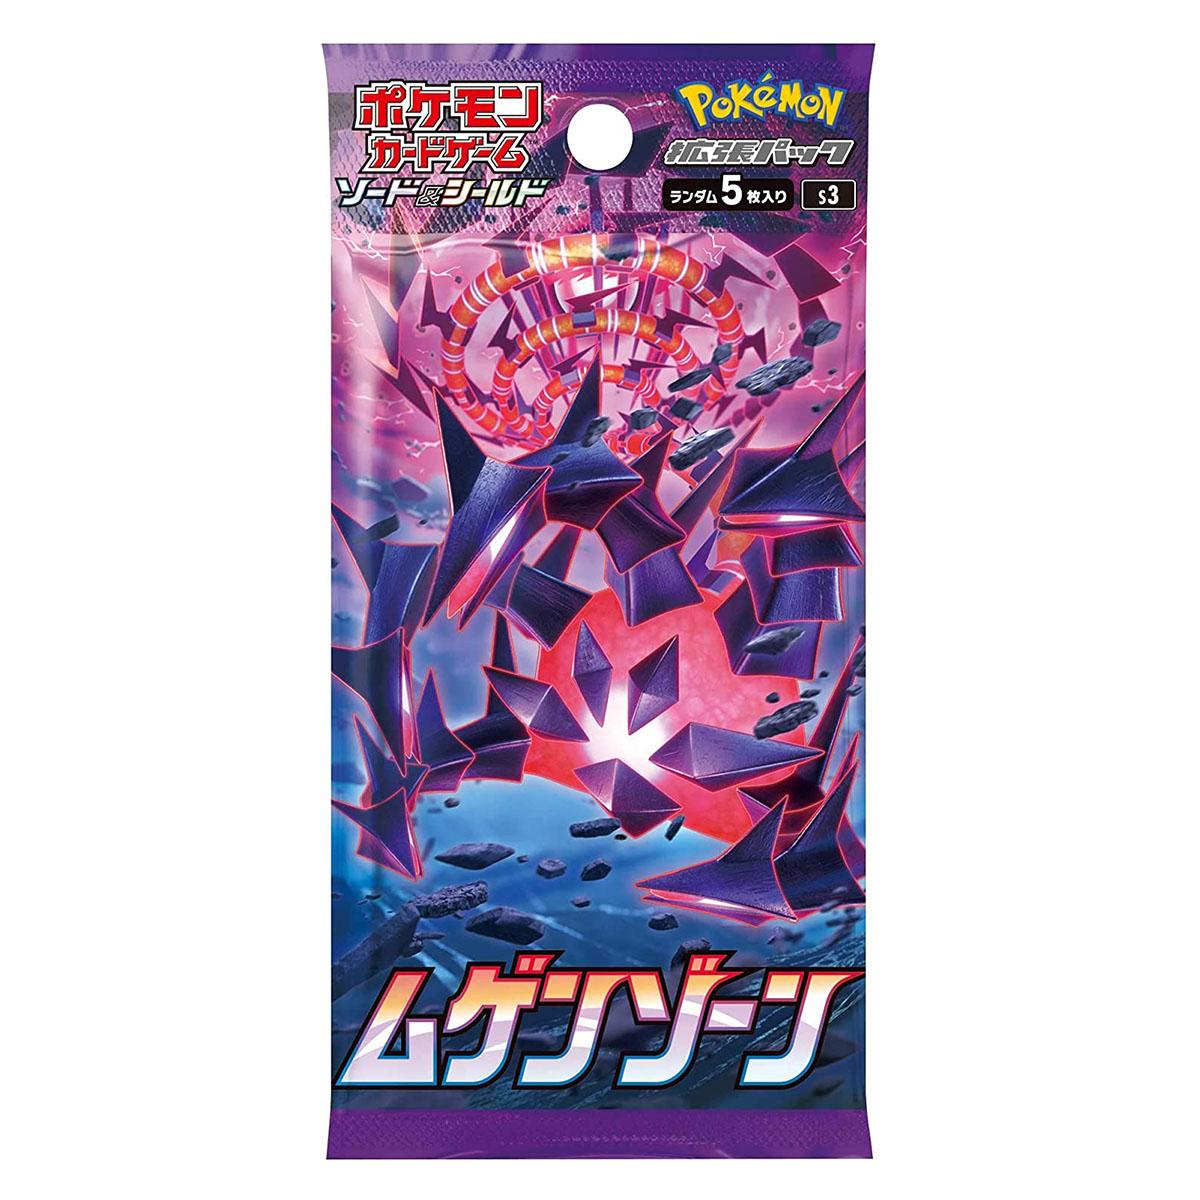 ポケモンカードゲーム ソード&シールド 拡張パック『ムゲンゾーン』30パック入りBOX-001